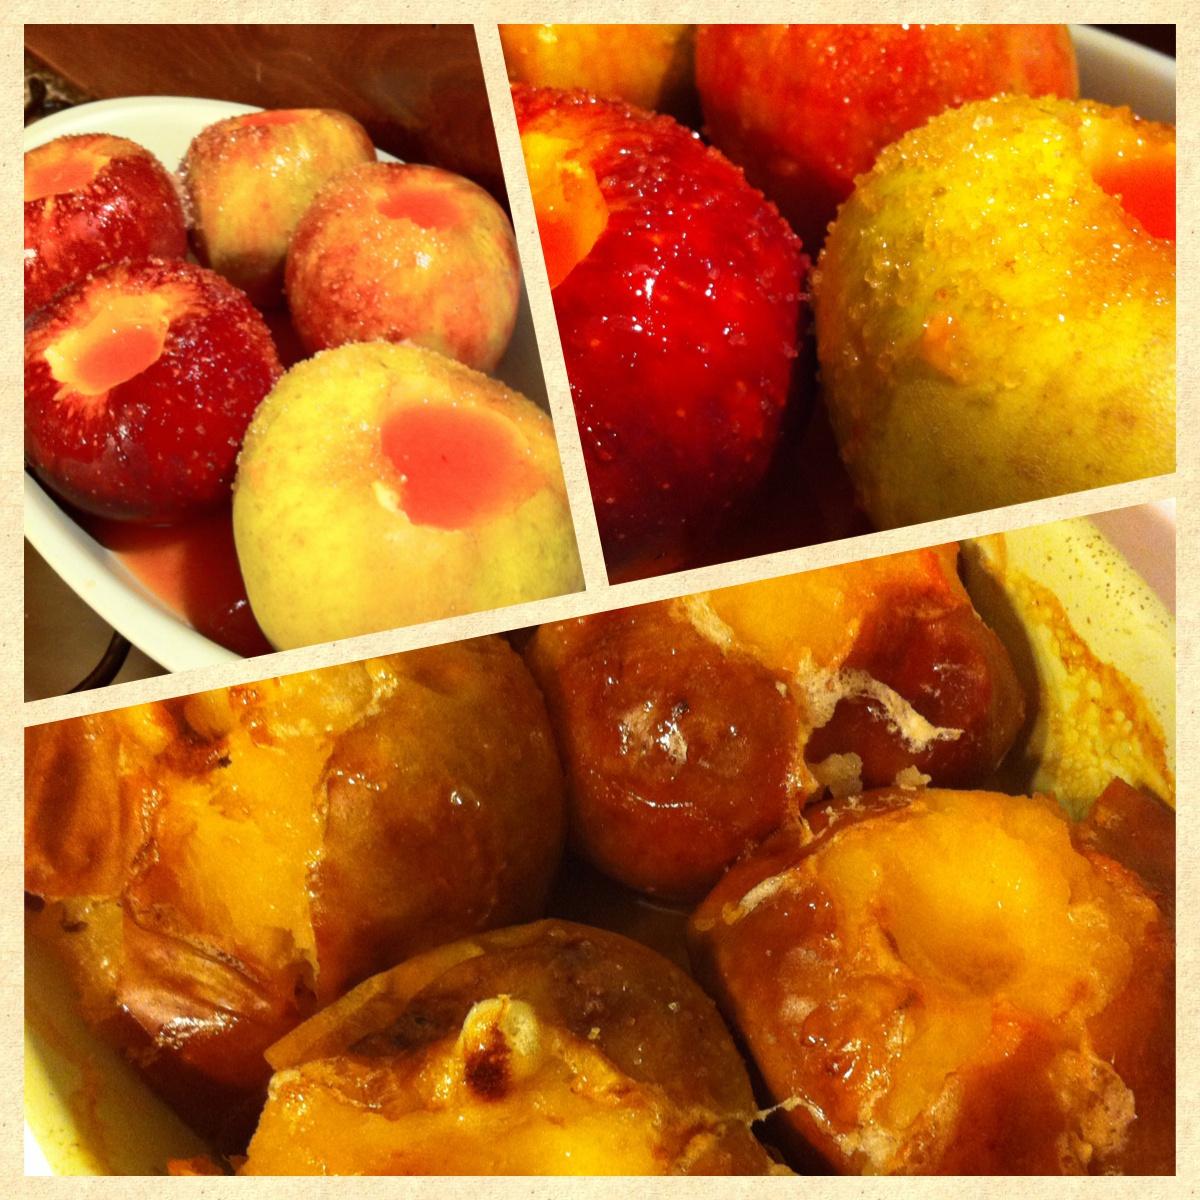 mele-al-forno-con-arancia-e-zucchero-di-canna-13.JPG